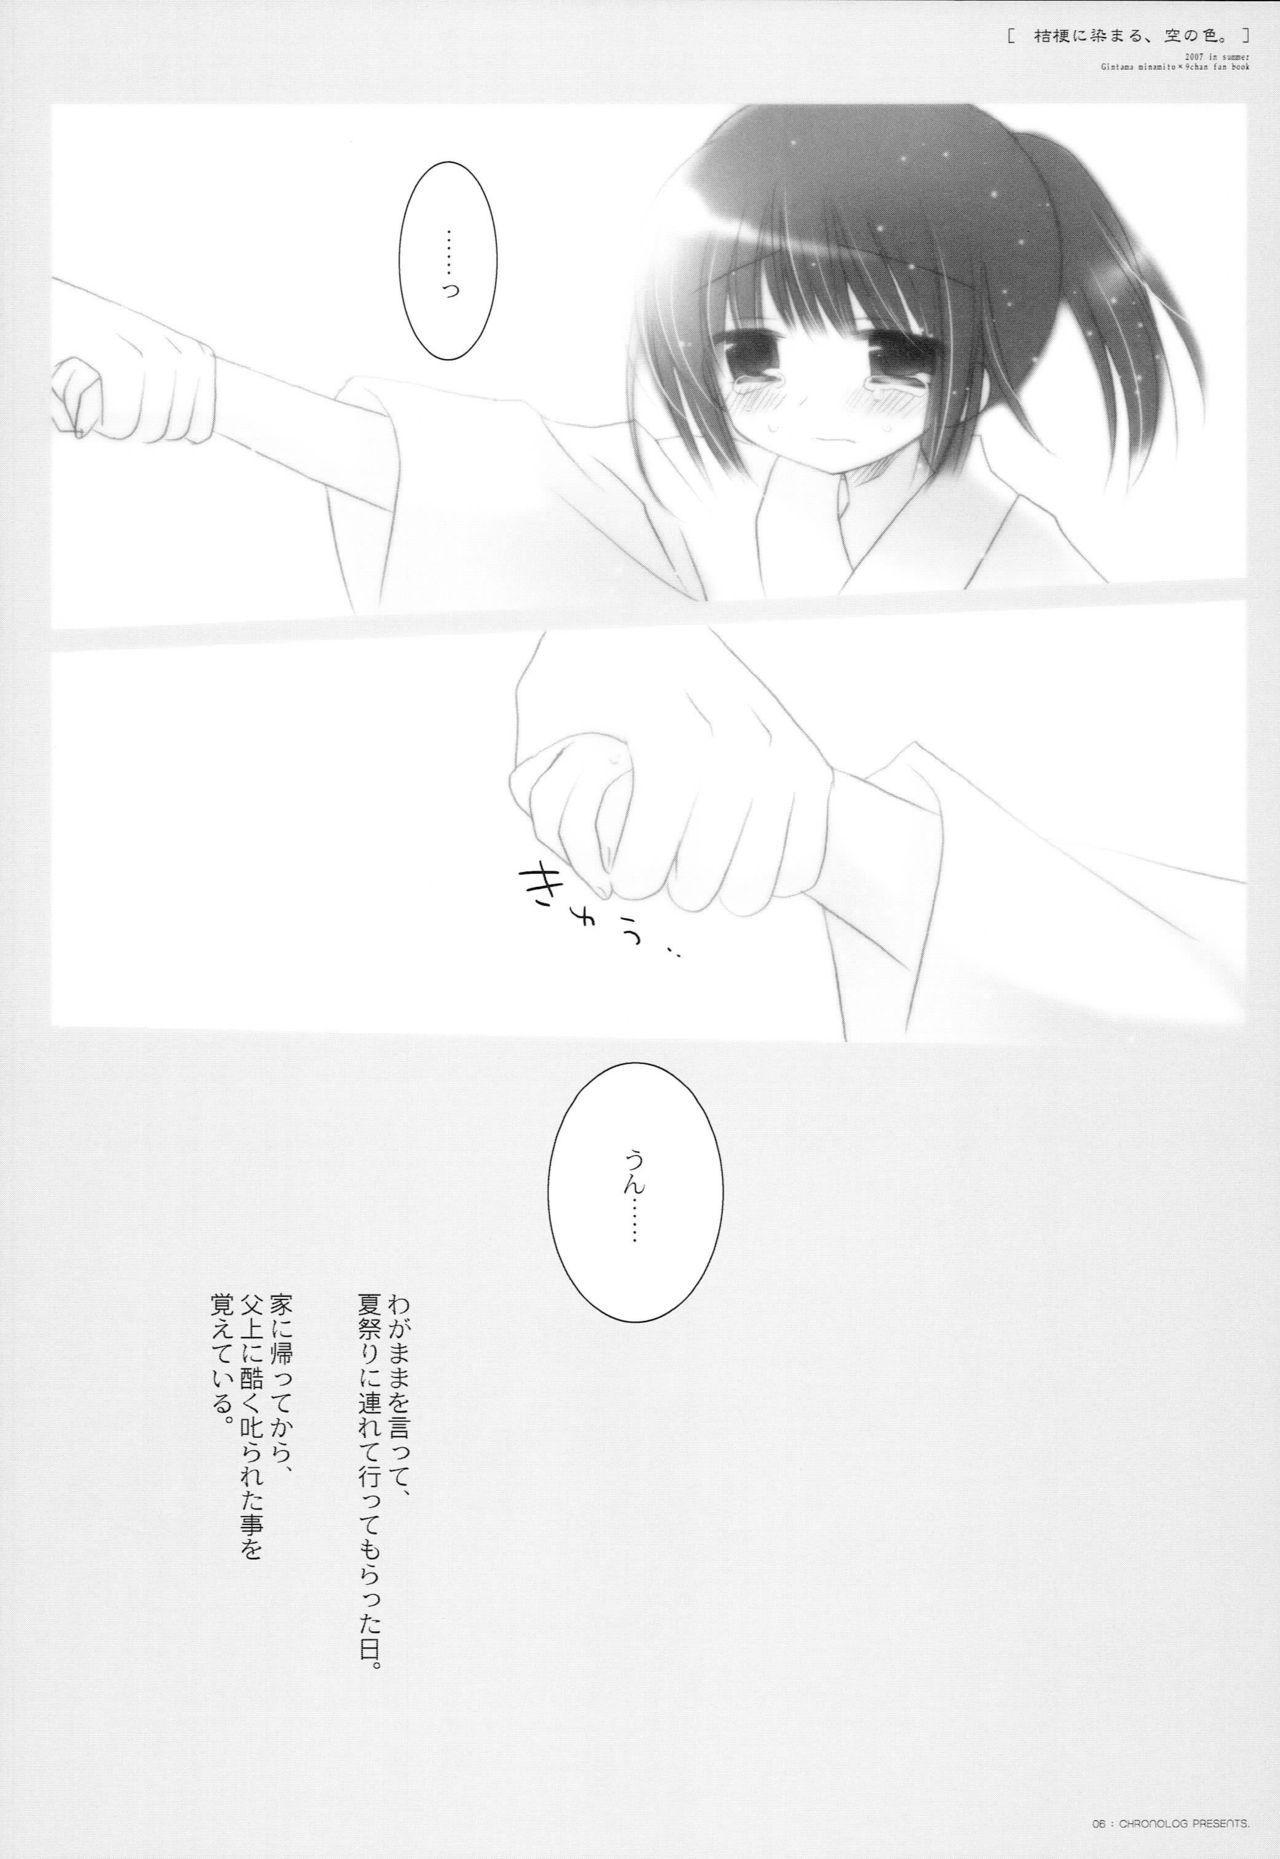 Kikyou ni Somaru Sora no Iro 4